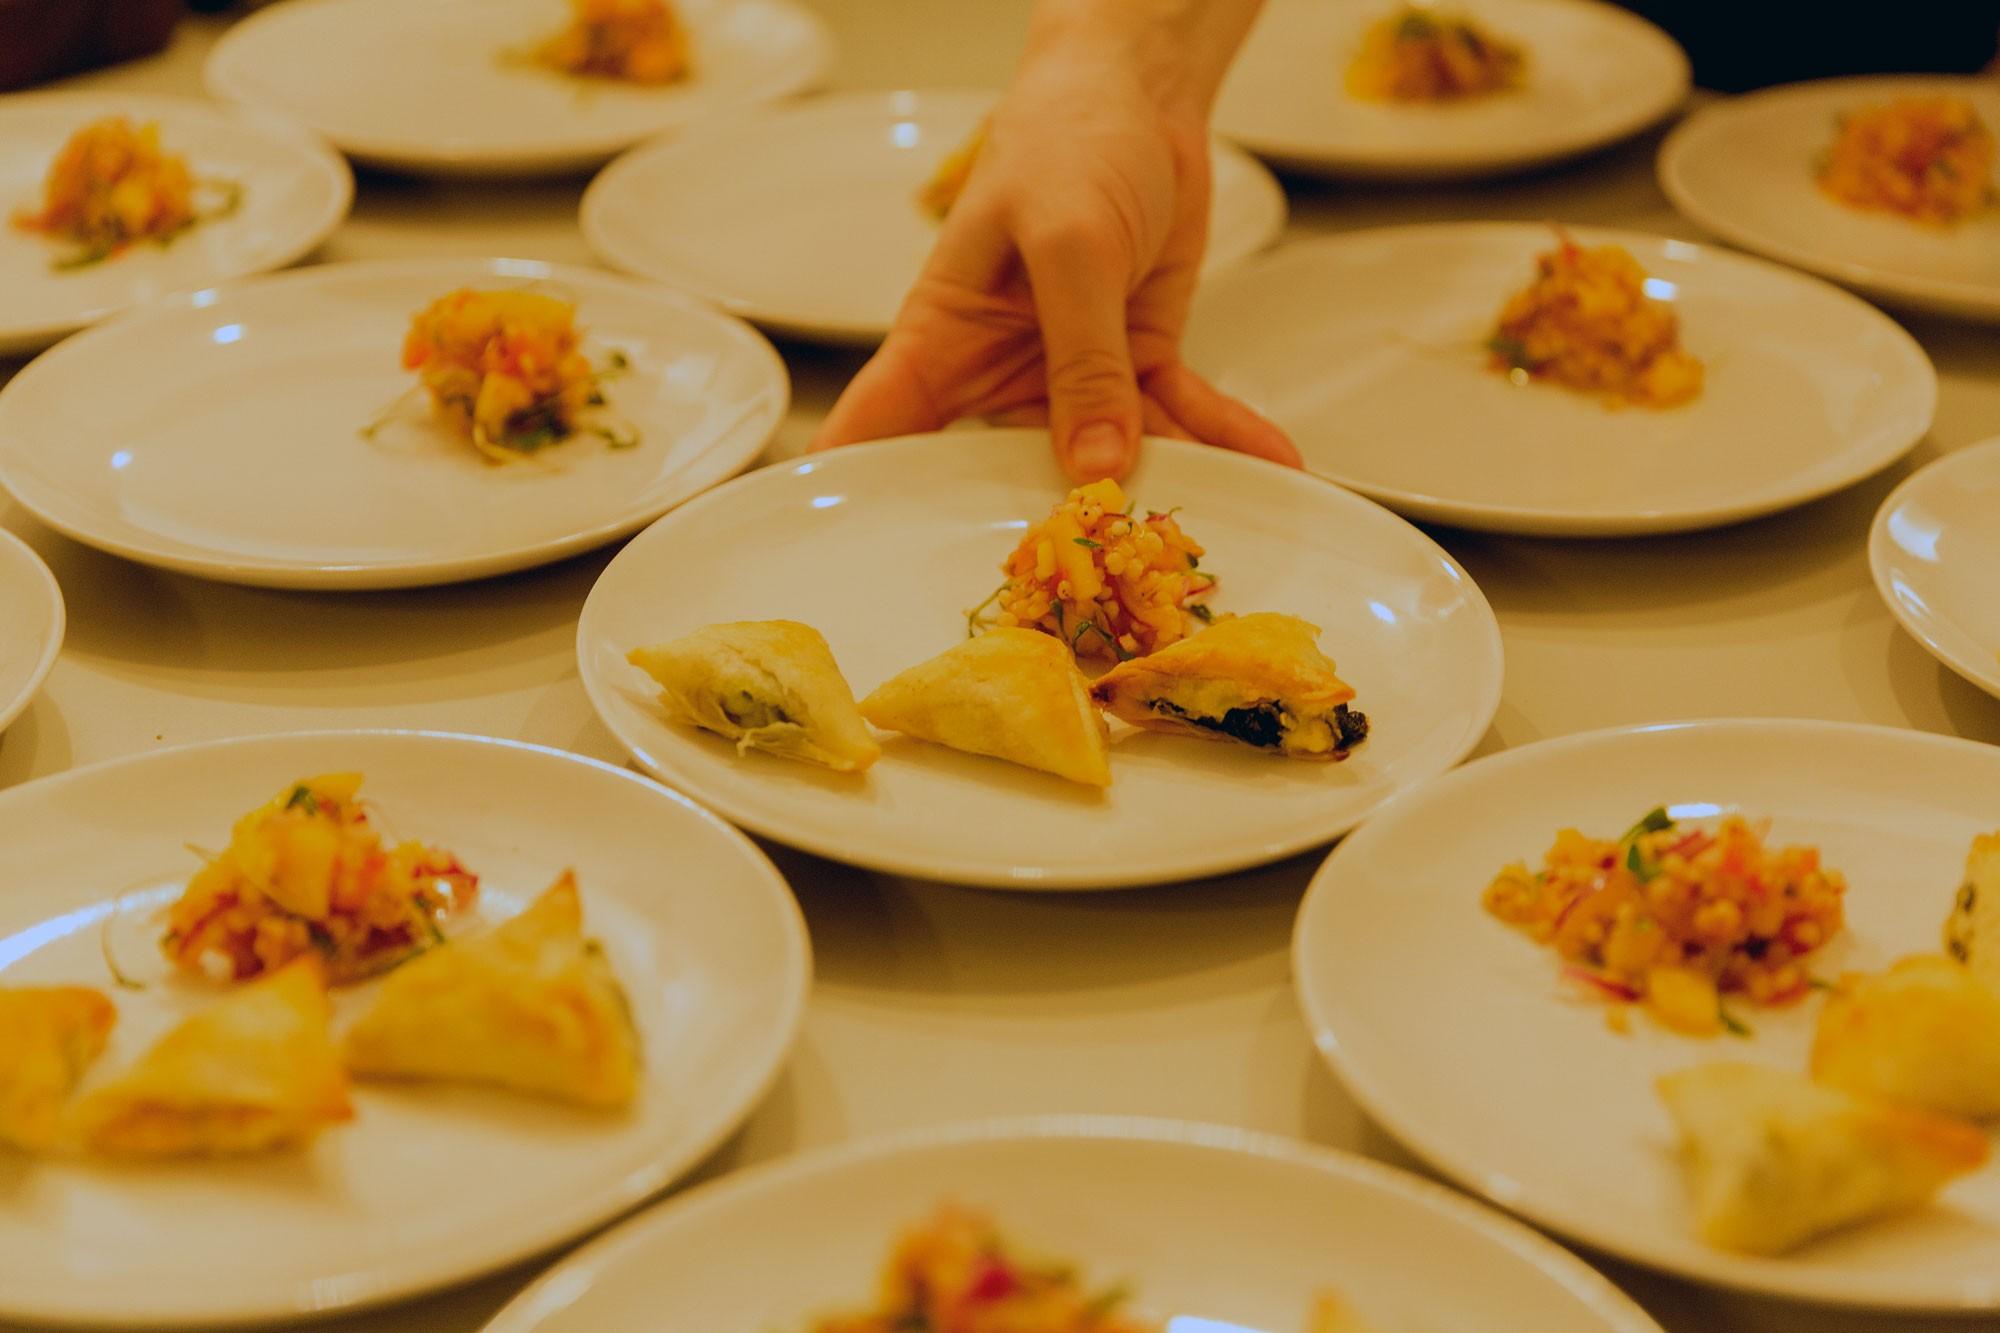 Matatu-Kitchen-by-Emli-Bendixen-x-Munchies_0131